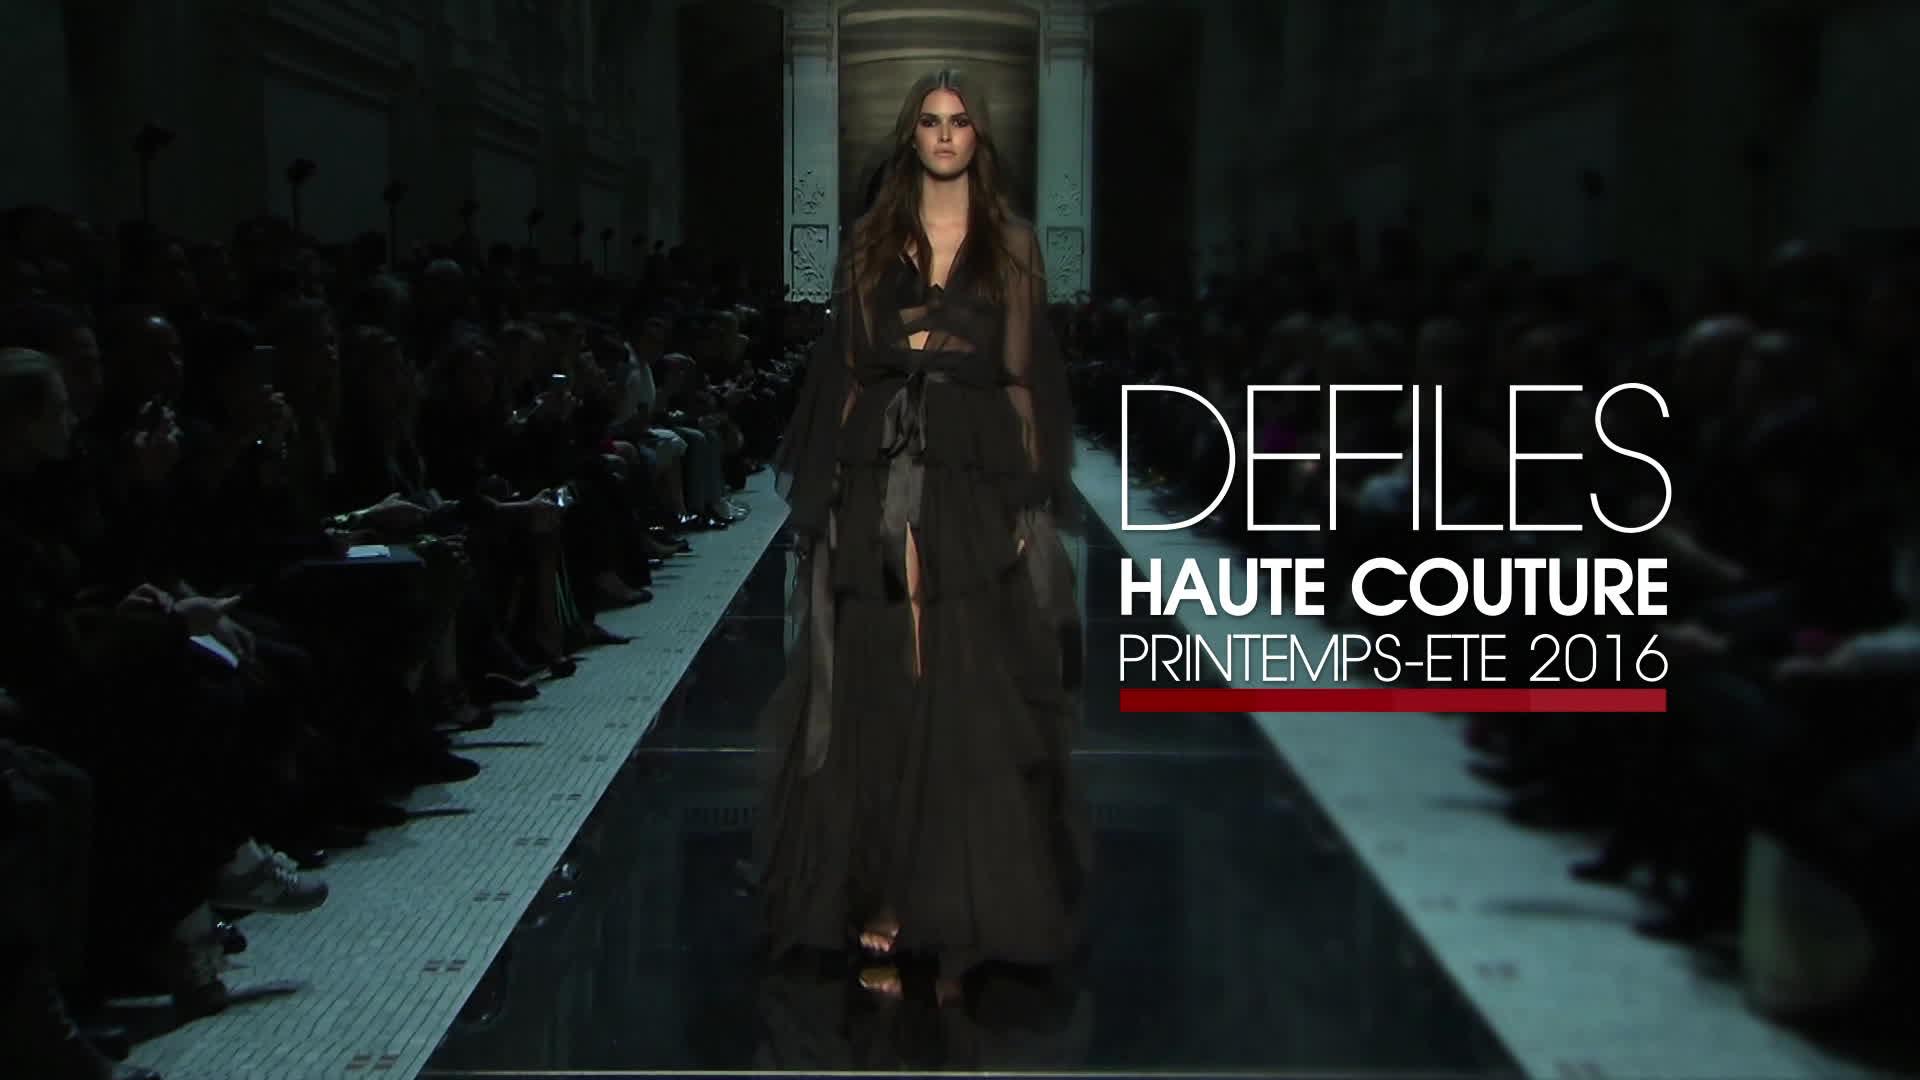 Spéciale haute couture